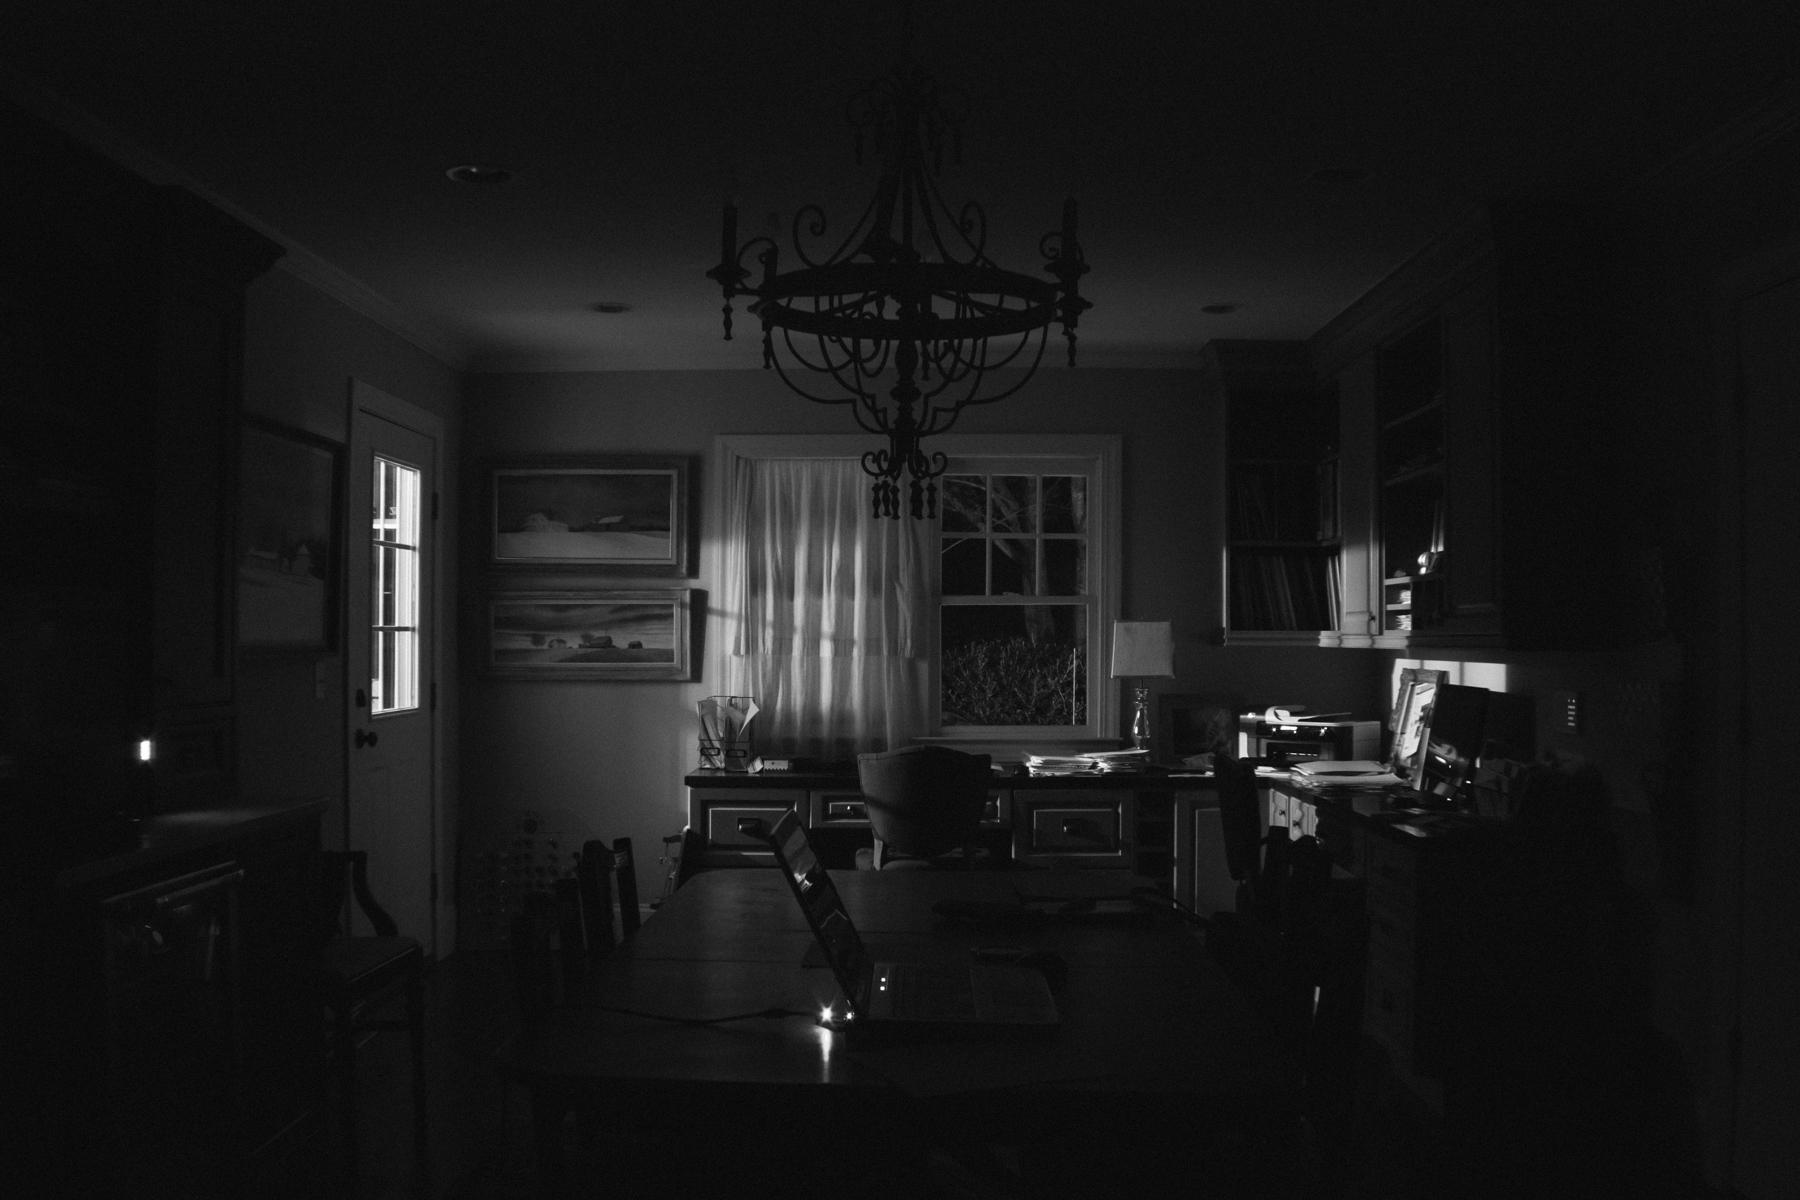 2826_20170223night setting01.jpg